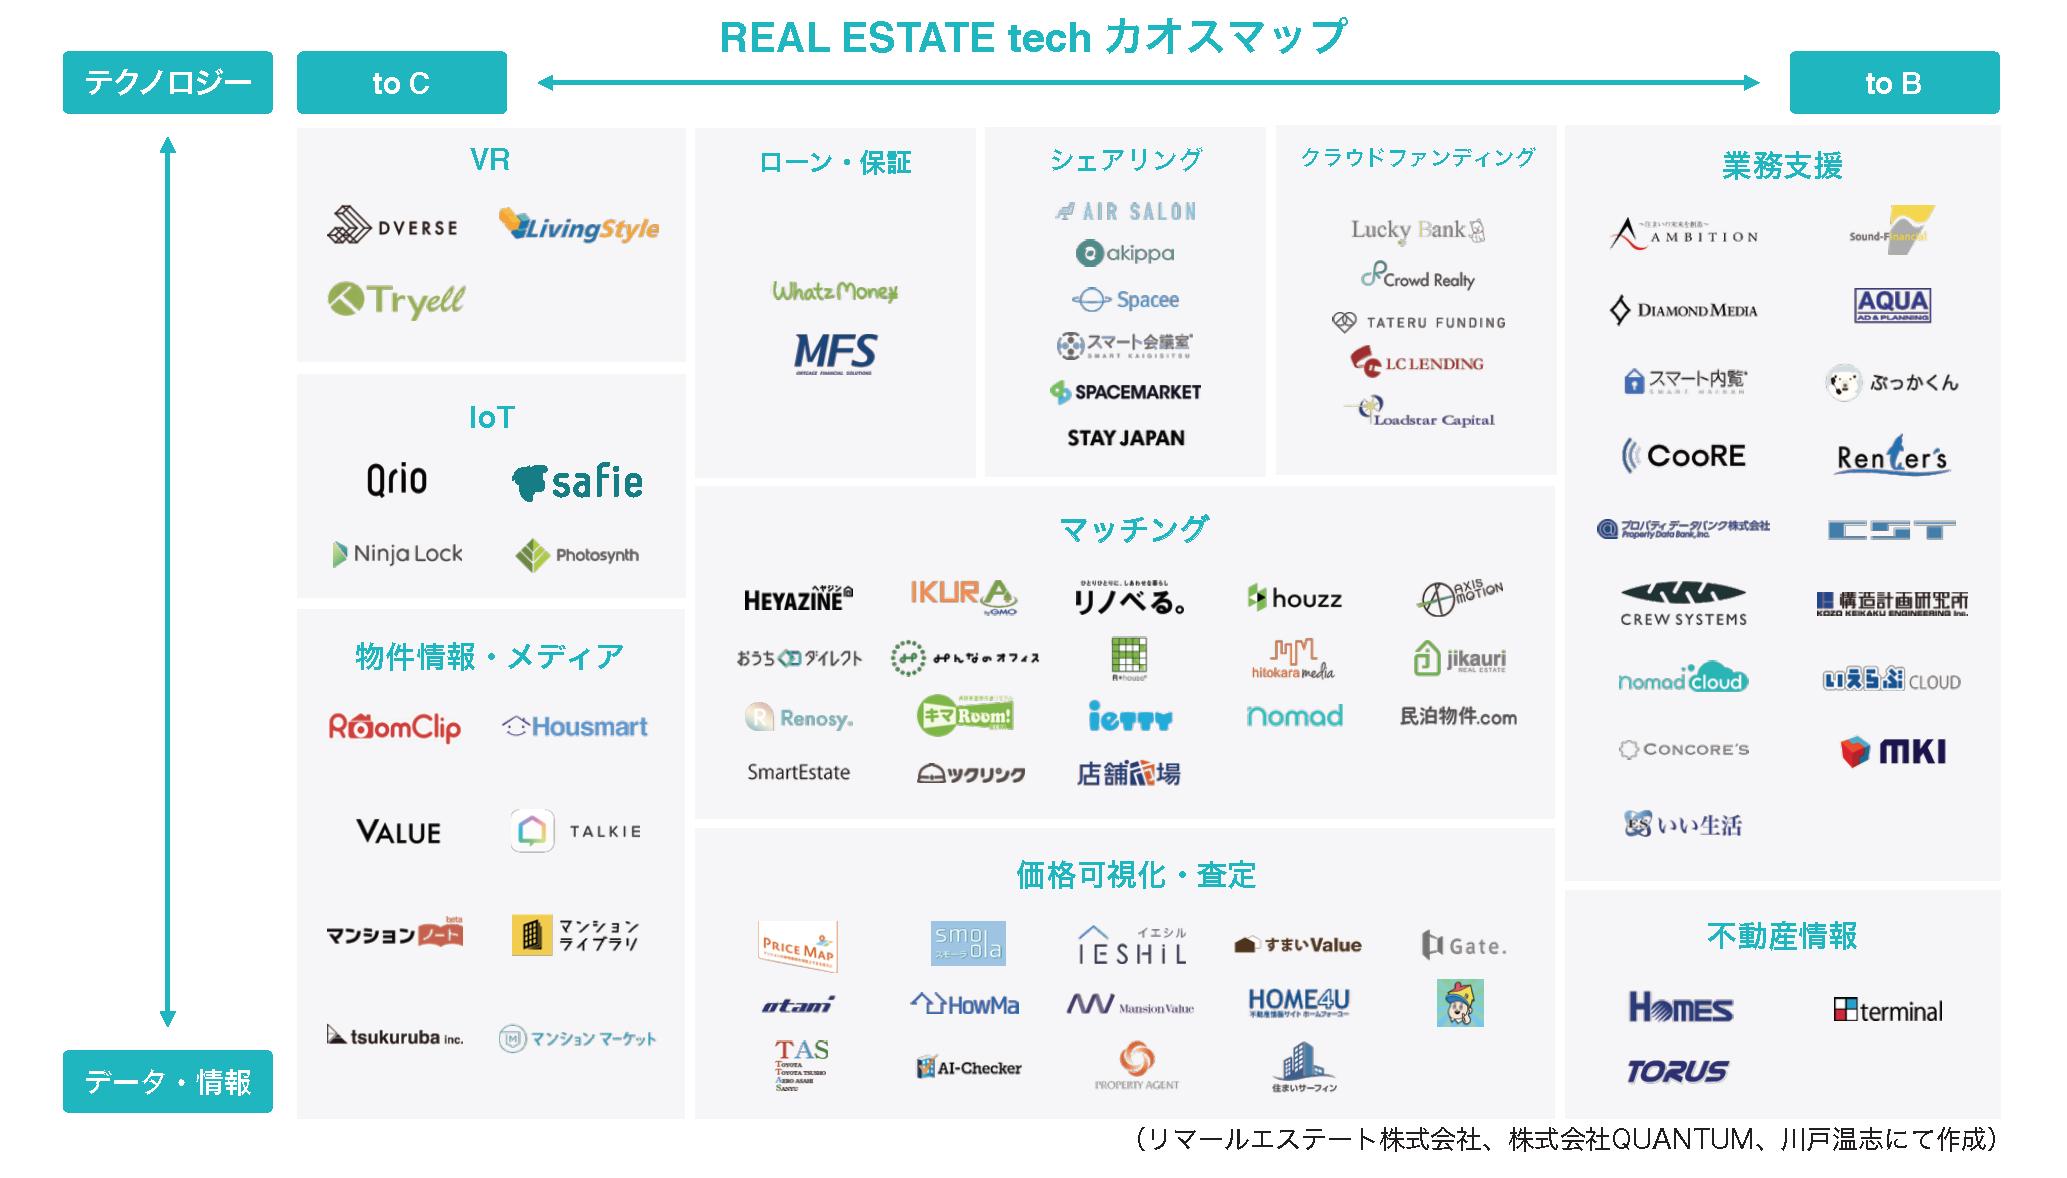 RealEstate_ChaosMap